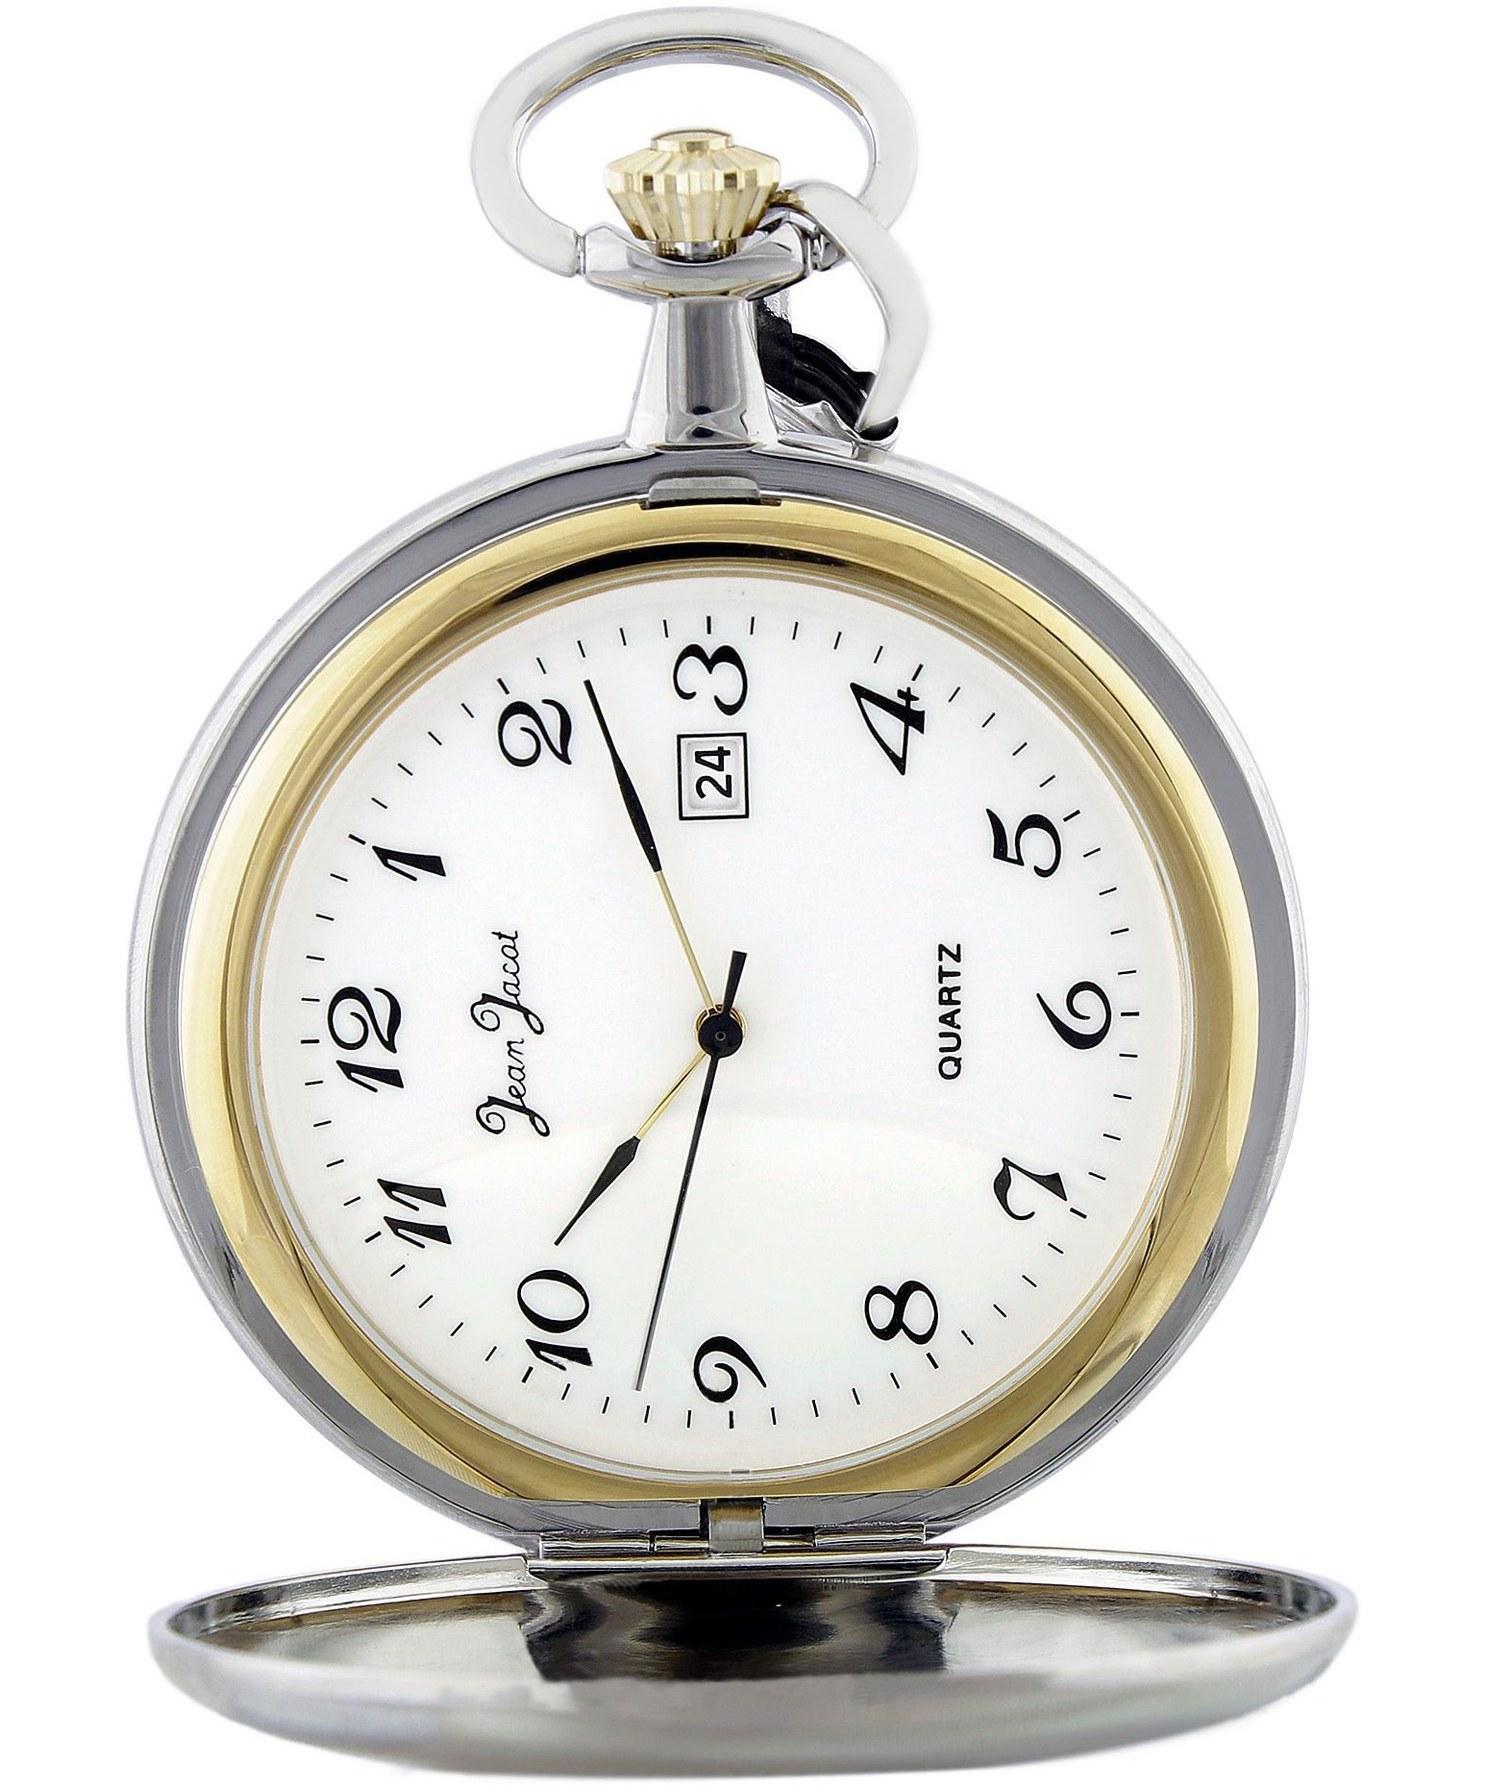 تصویر ساعت جیبی مردانه ژان ژاکت ، کد 1036-QT